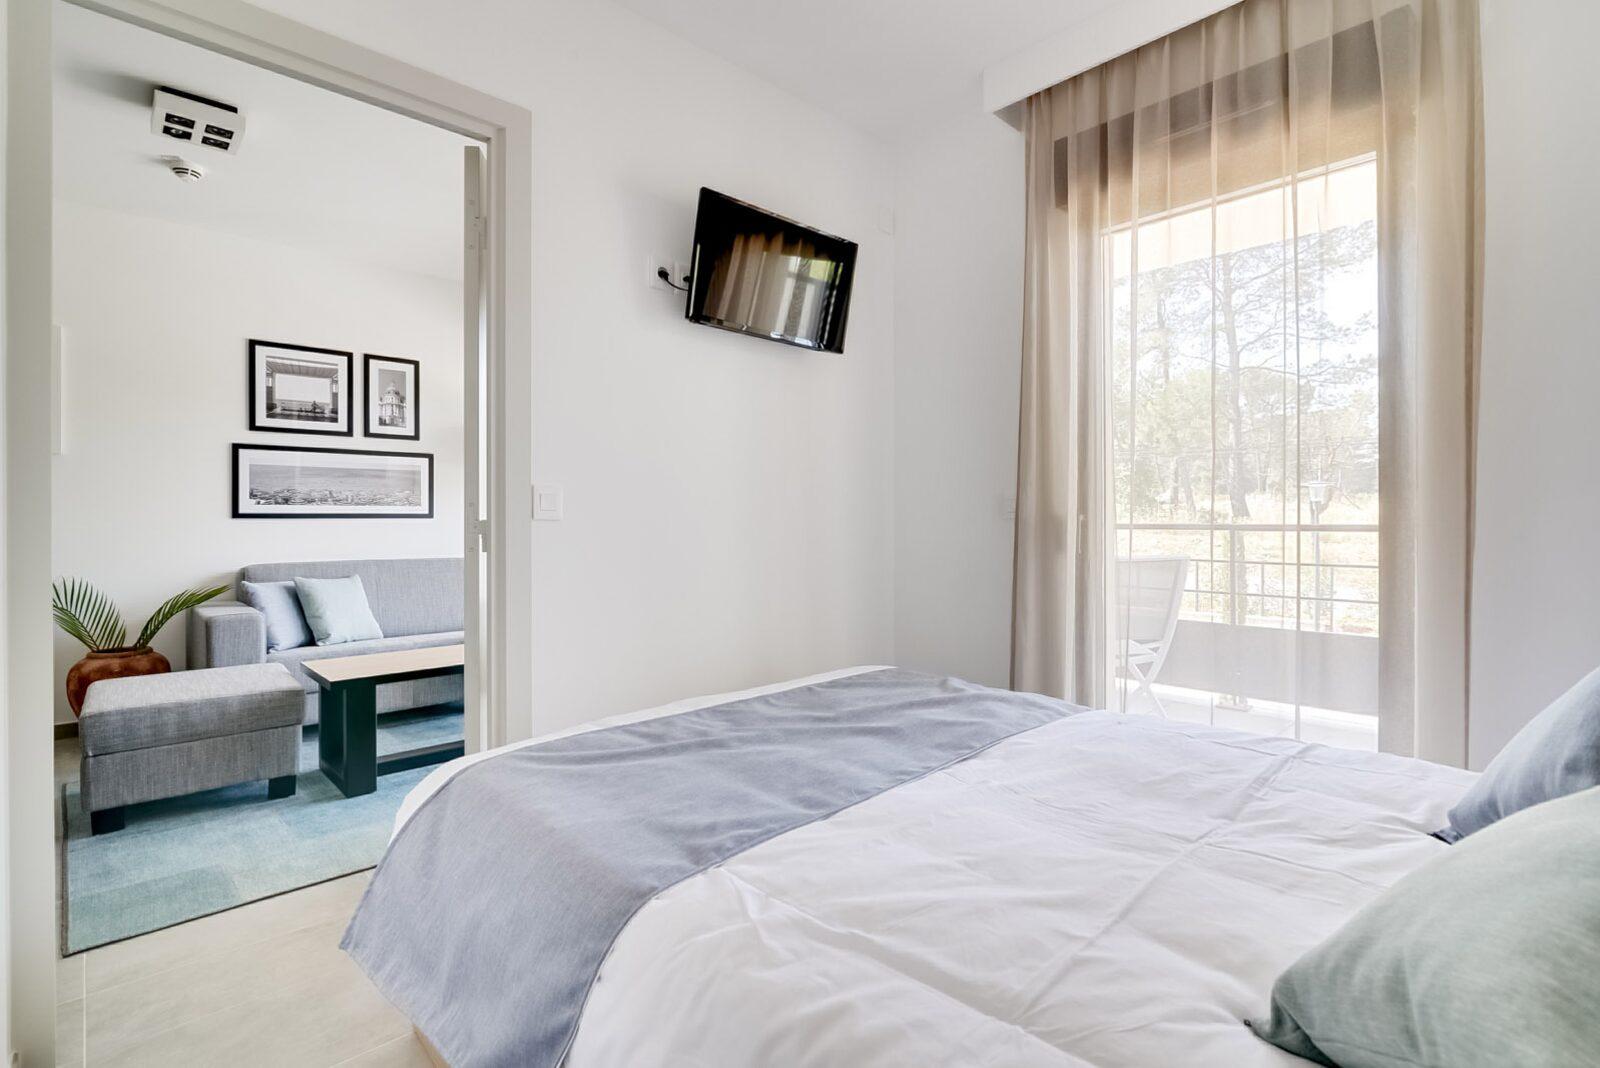 Nieuwe standaard suite voor 4 personen met tweepersoonsbed en stapelbed